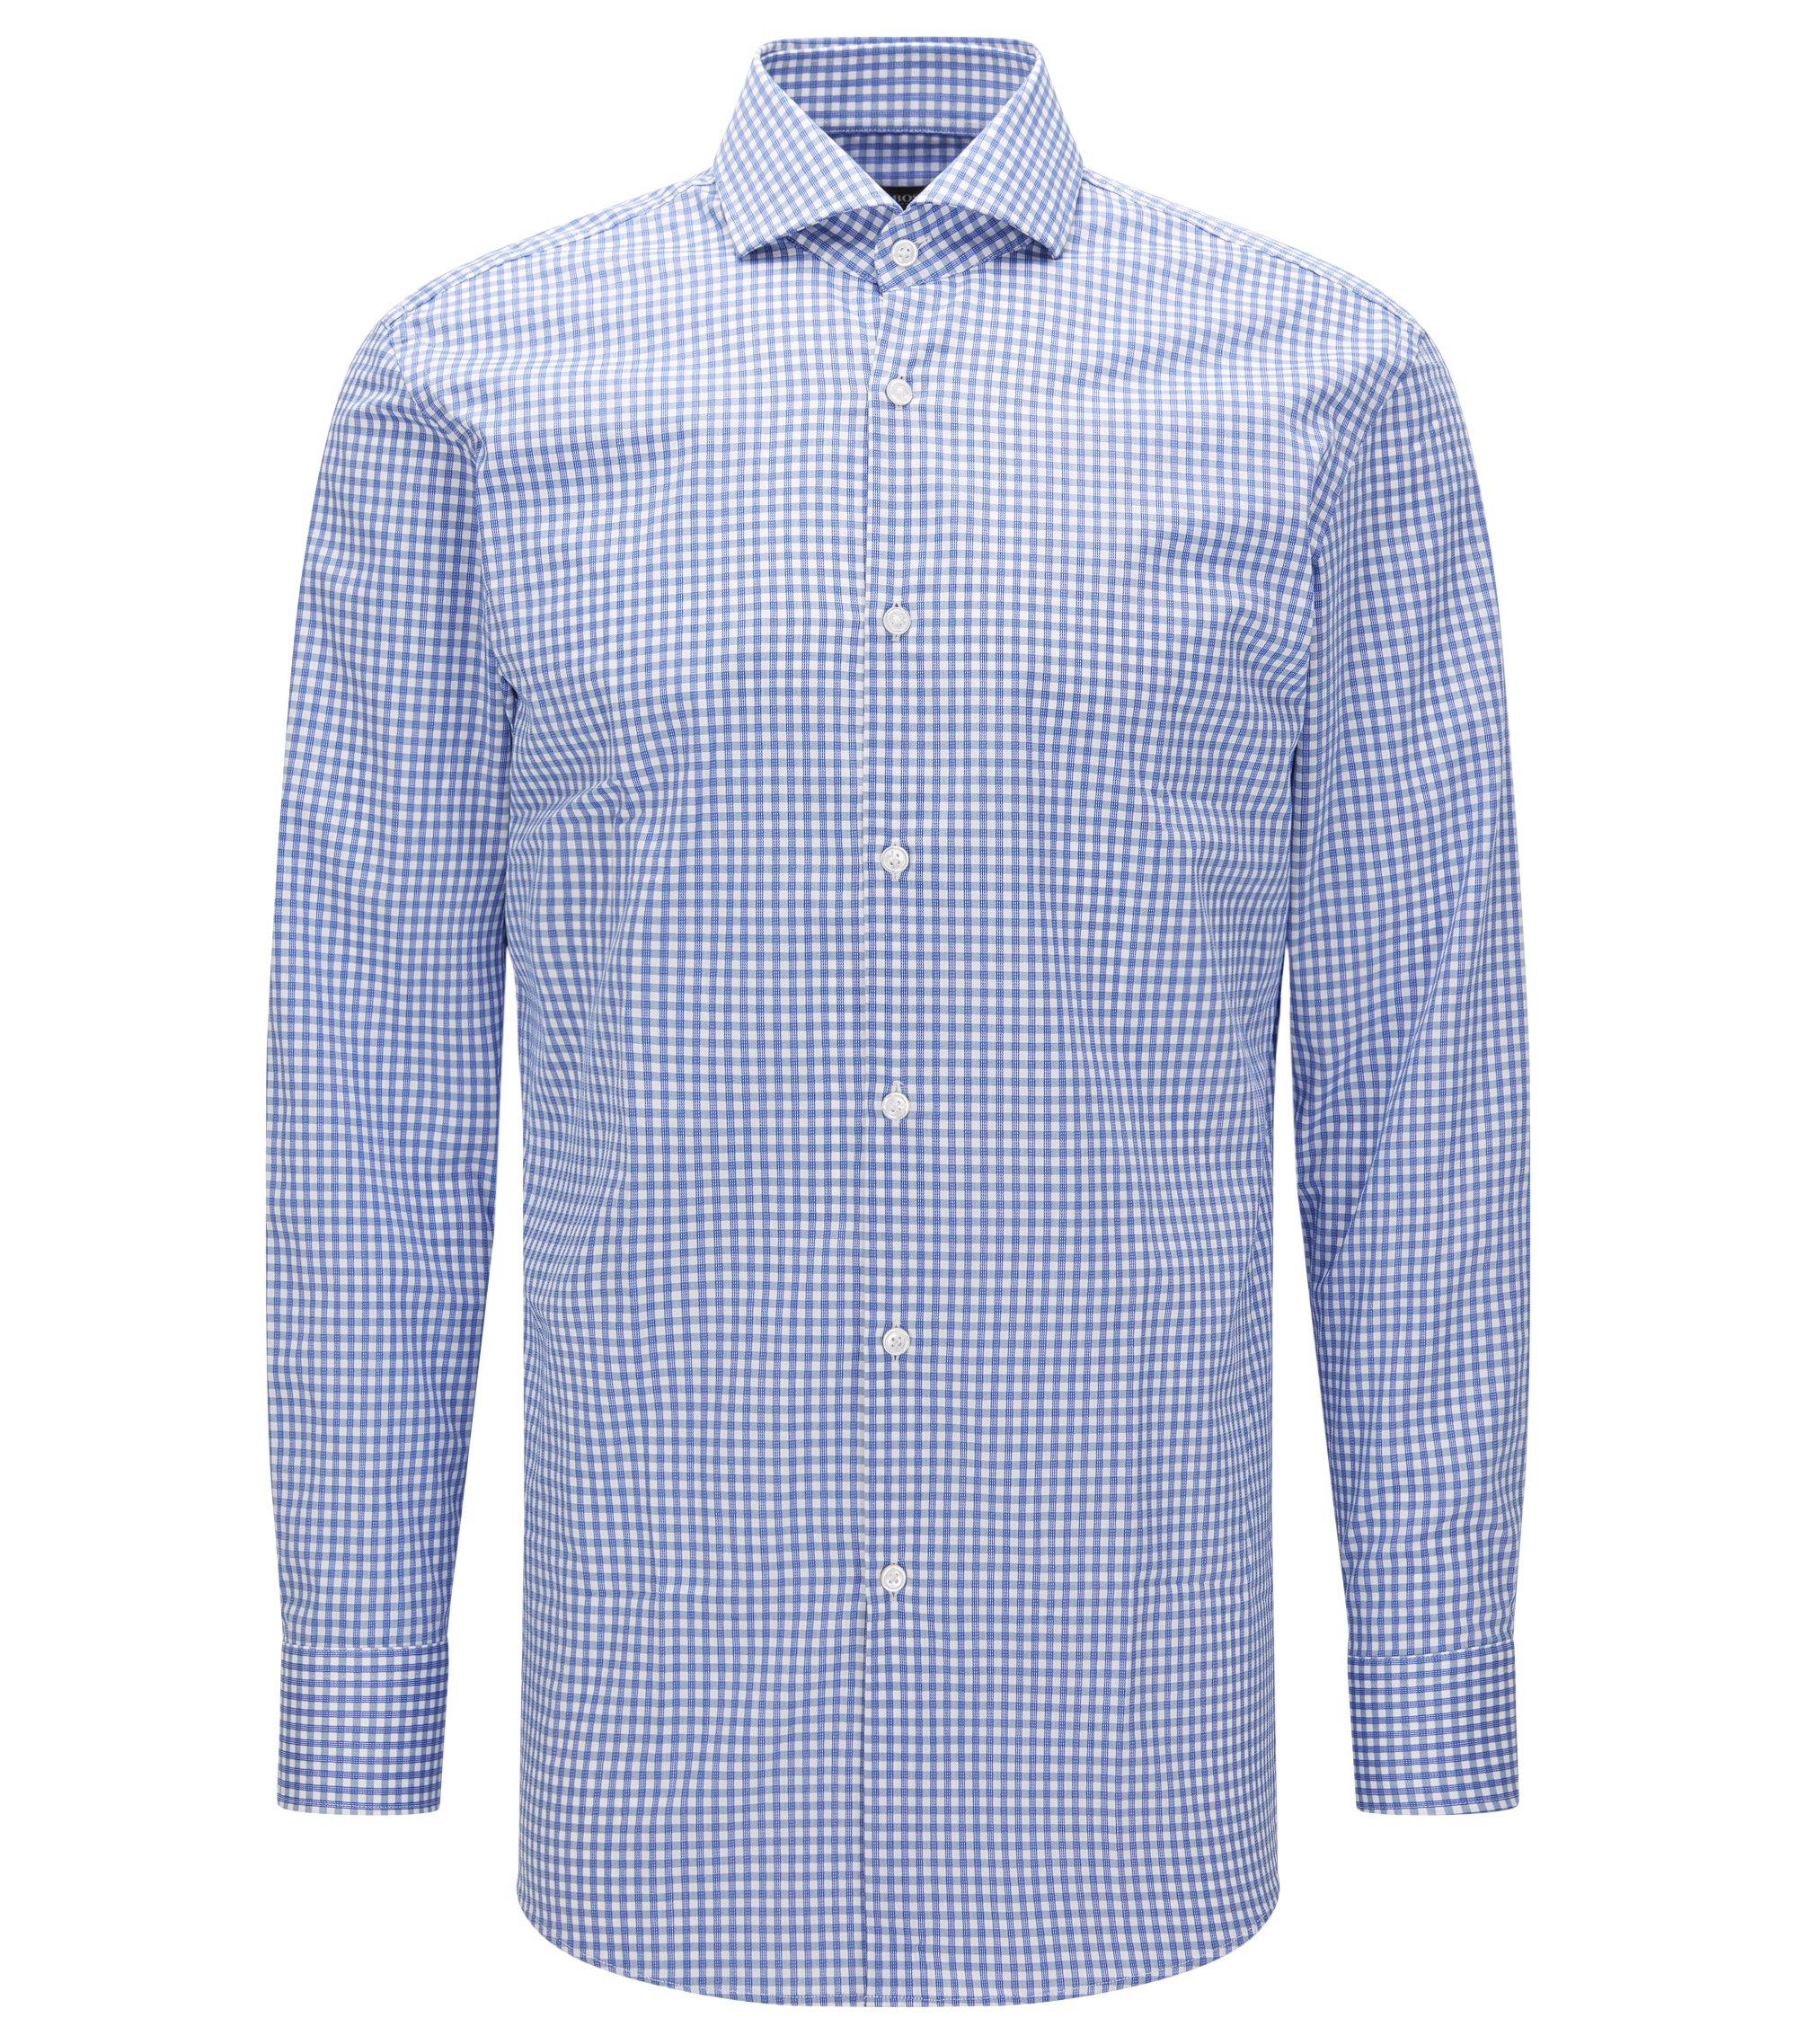 Sheperd's Check Cotton Dress Shirt, Sharp Fit | Mark US, Blue